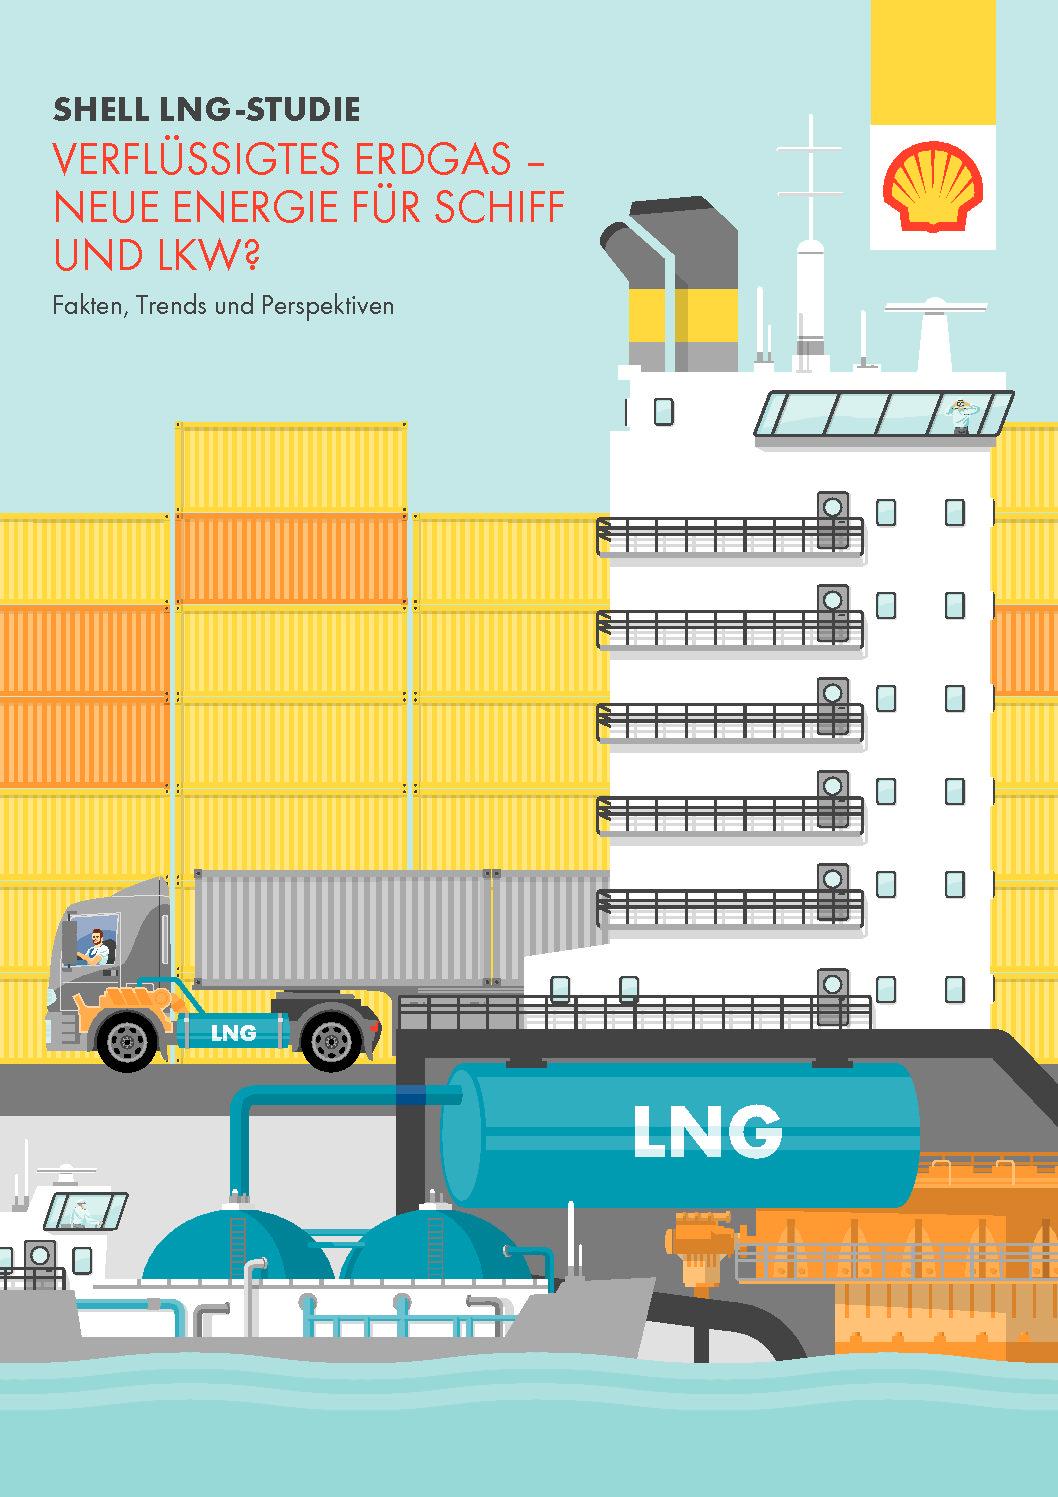 Втечненият природен газ в транспорта ще намали емисиите на парникови газове